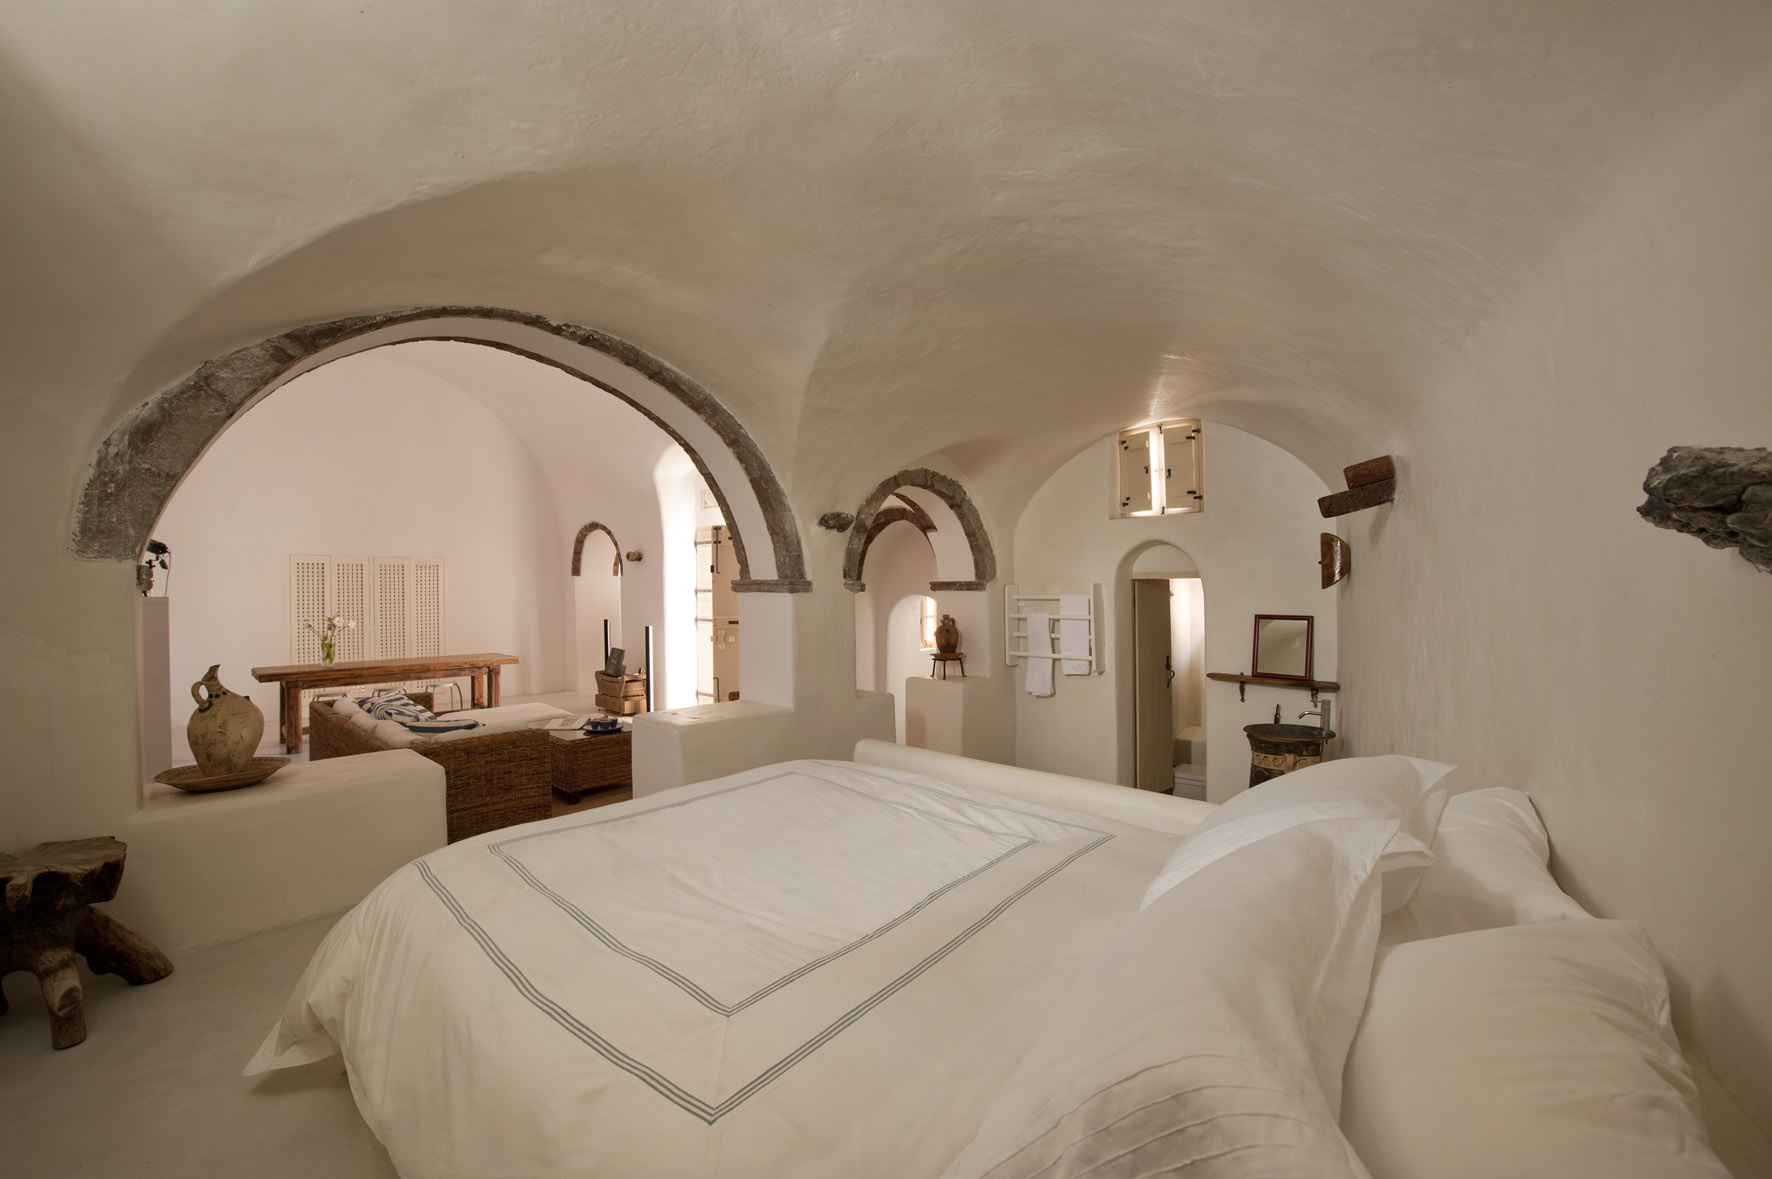 Однокомнатная квартира в греции